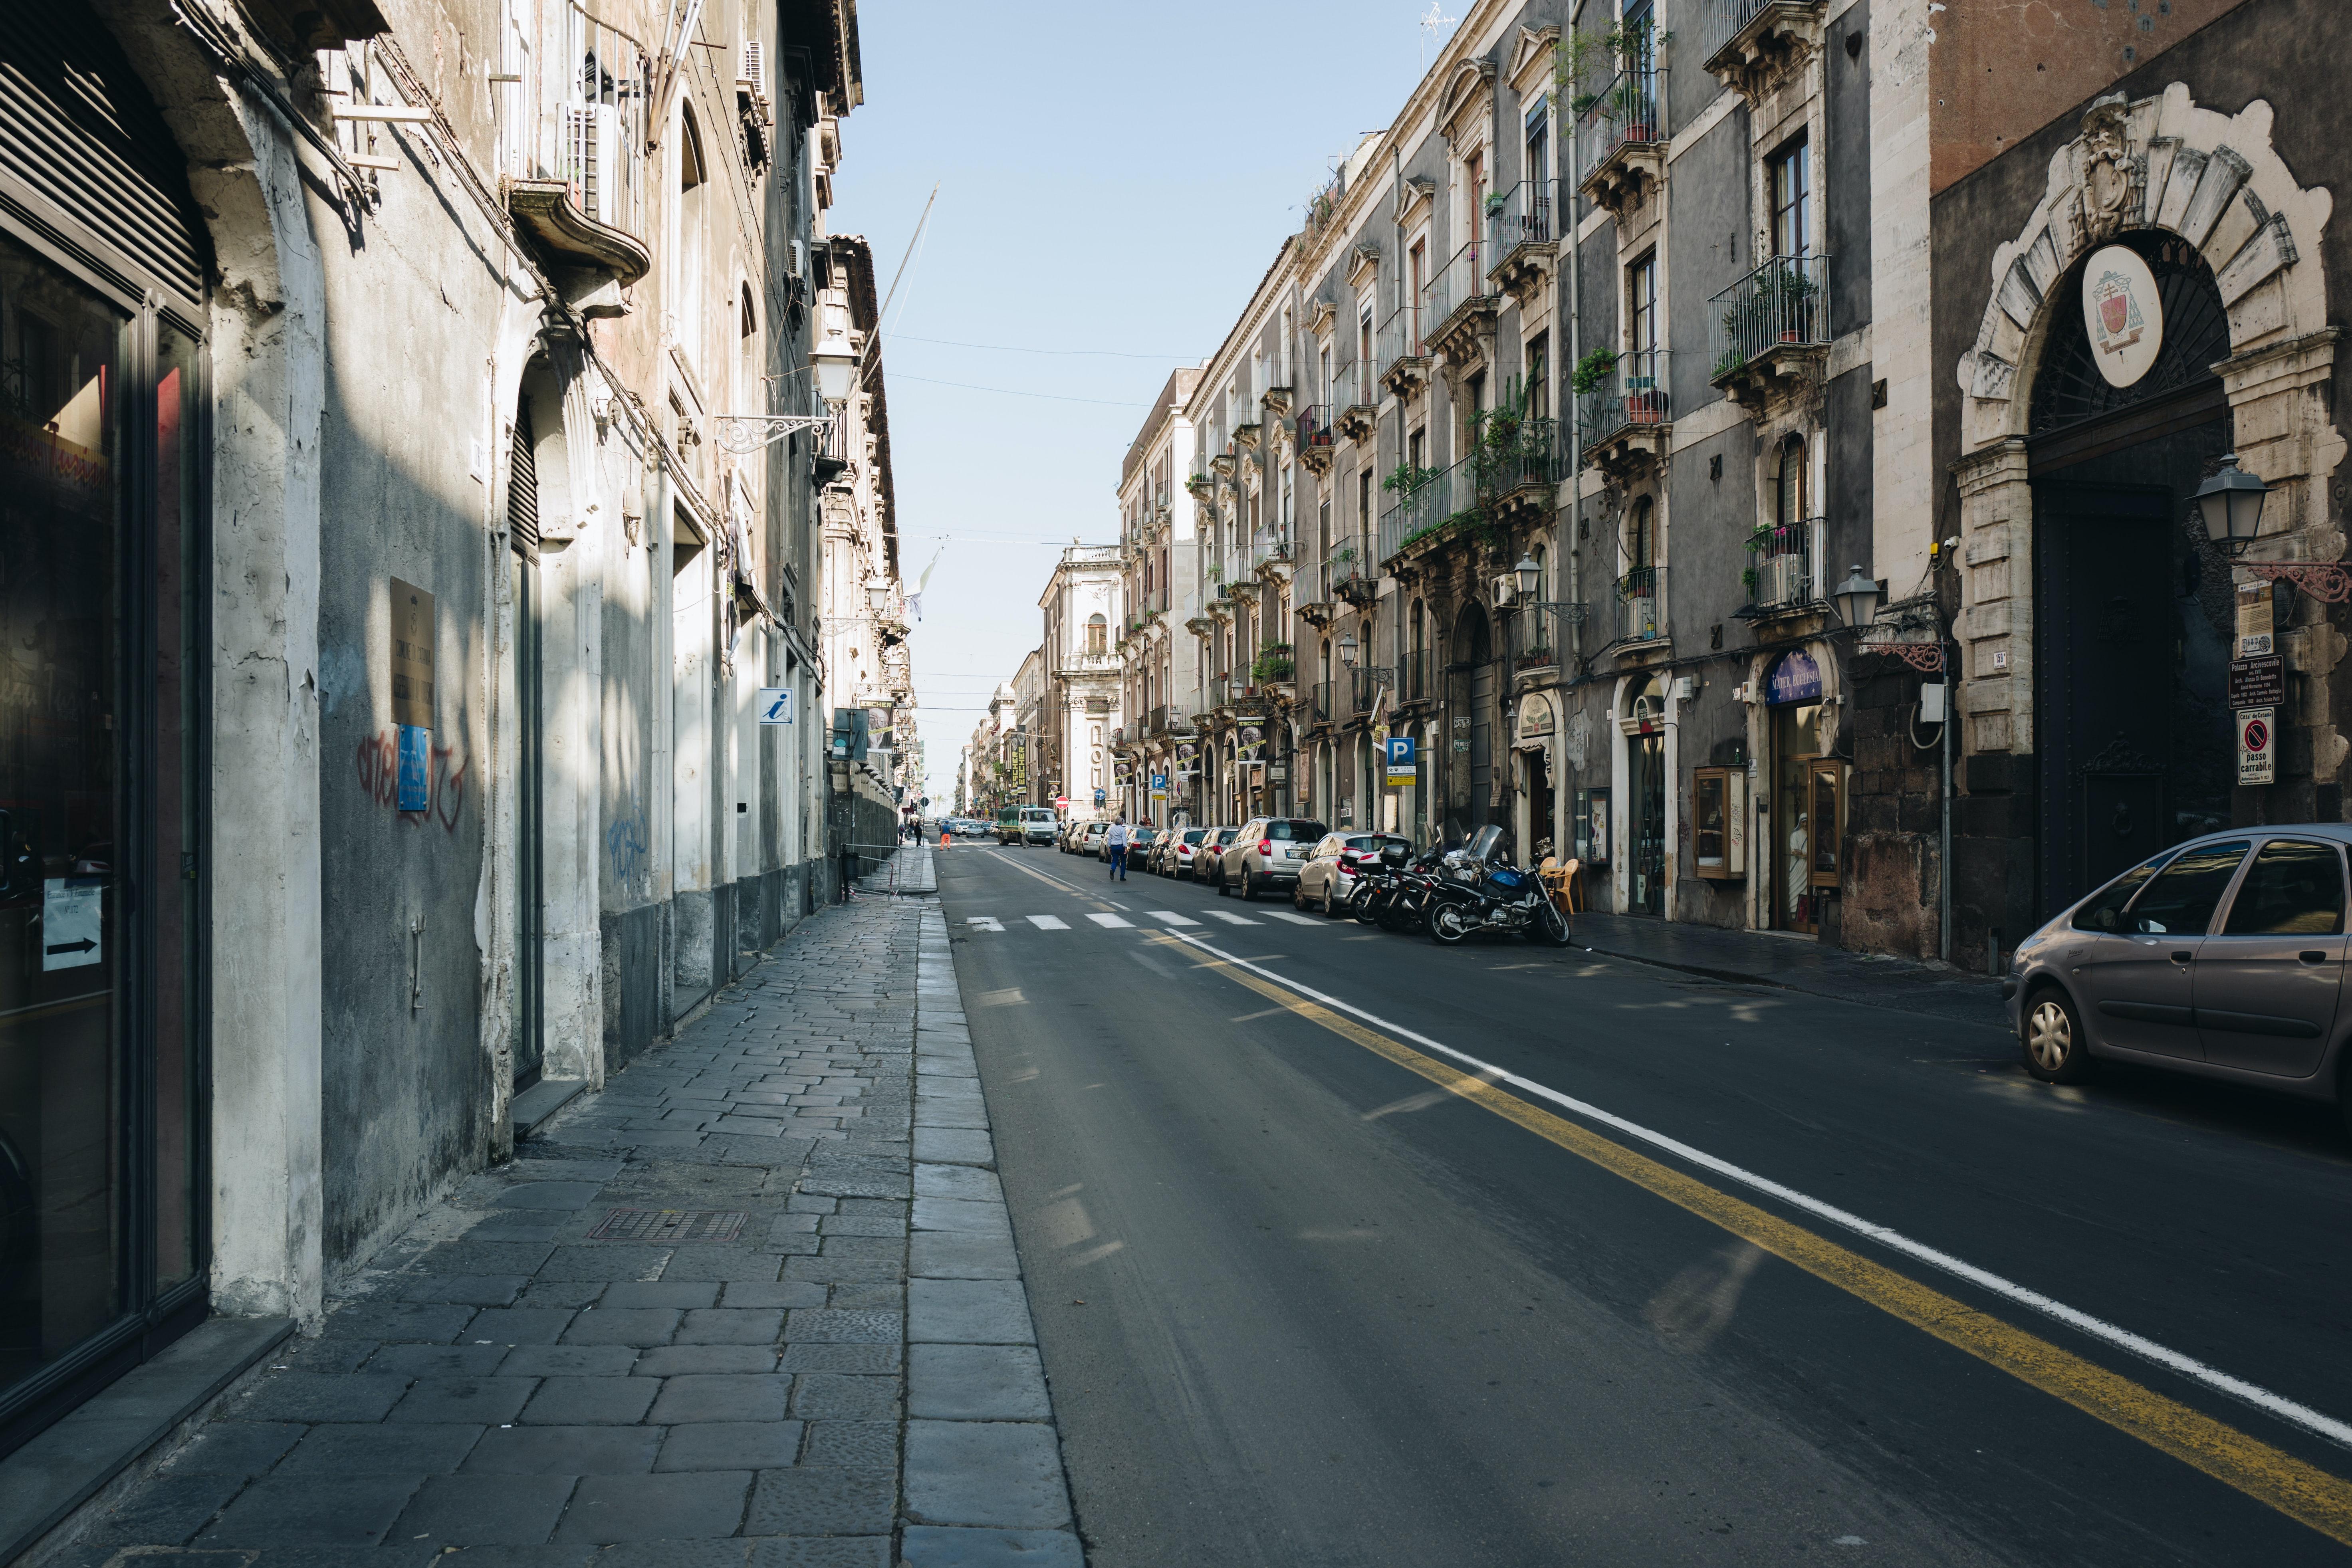 Italy Road by Thomas Anton Escobar